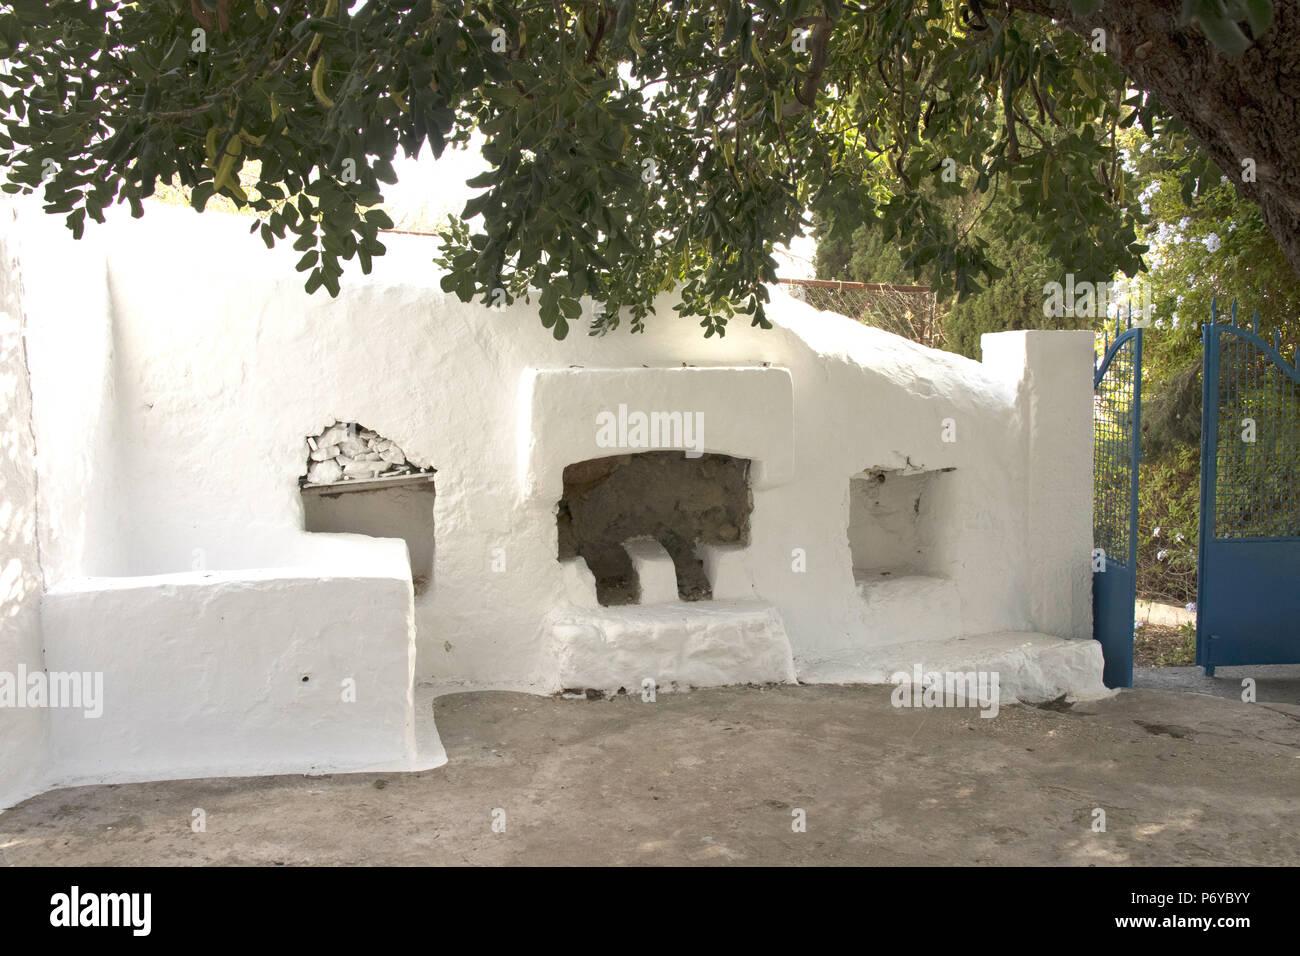 Outdoor Küche Mit Steinofen : Mittelmeer küche mit steinofen auch keramikboden u interieur und